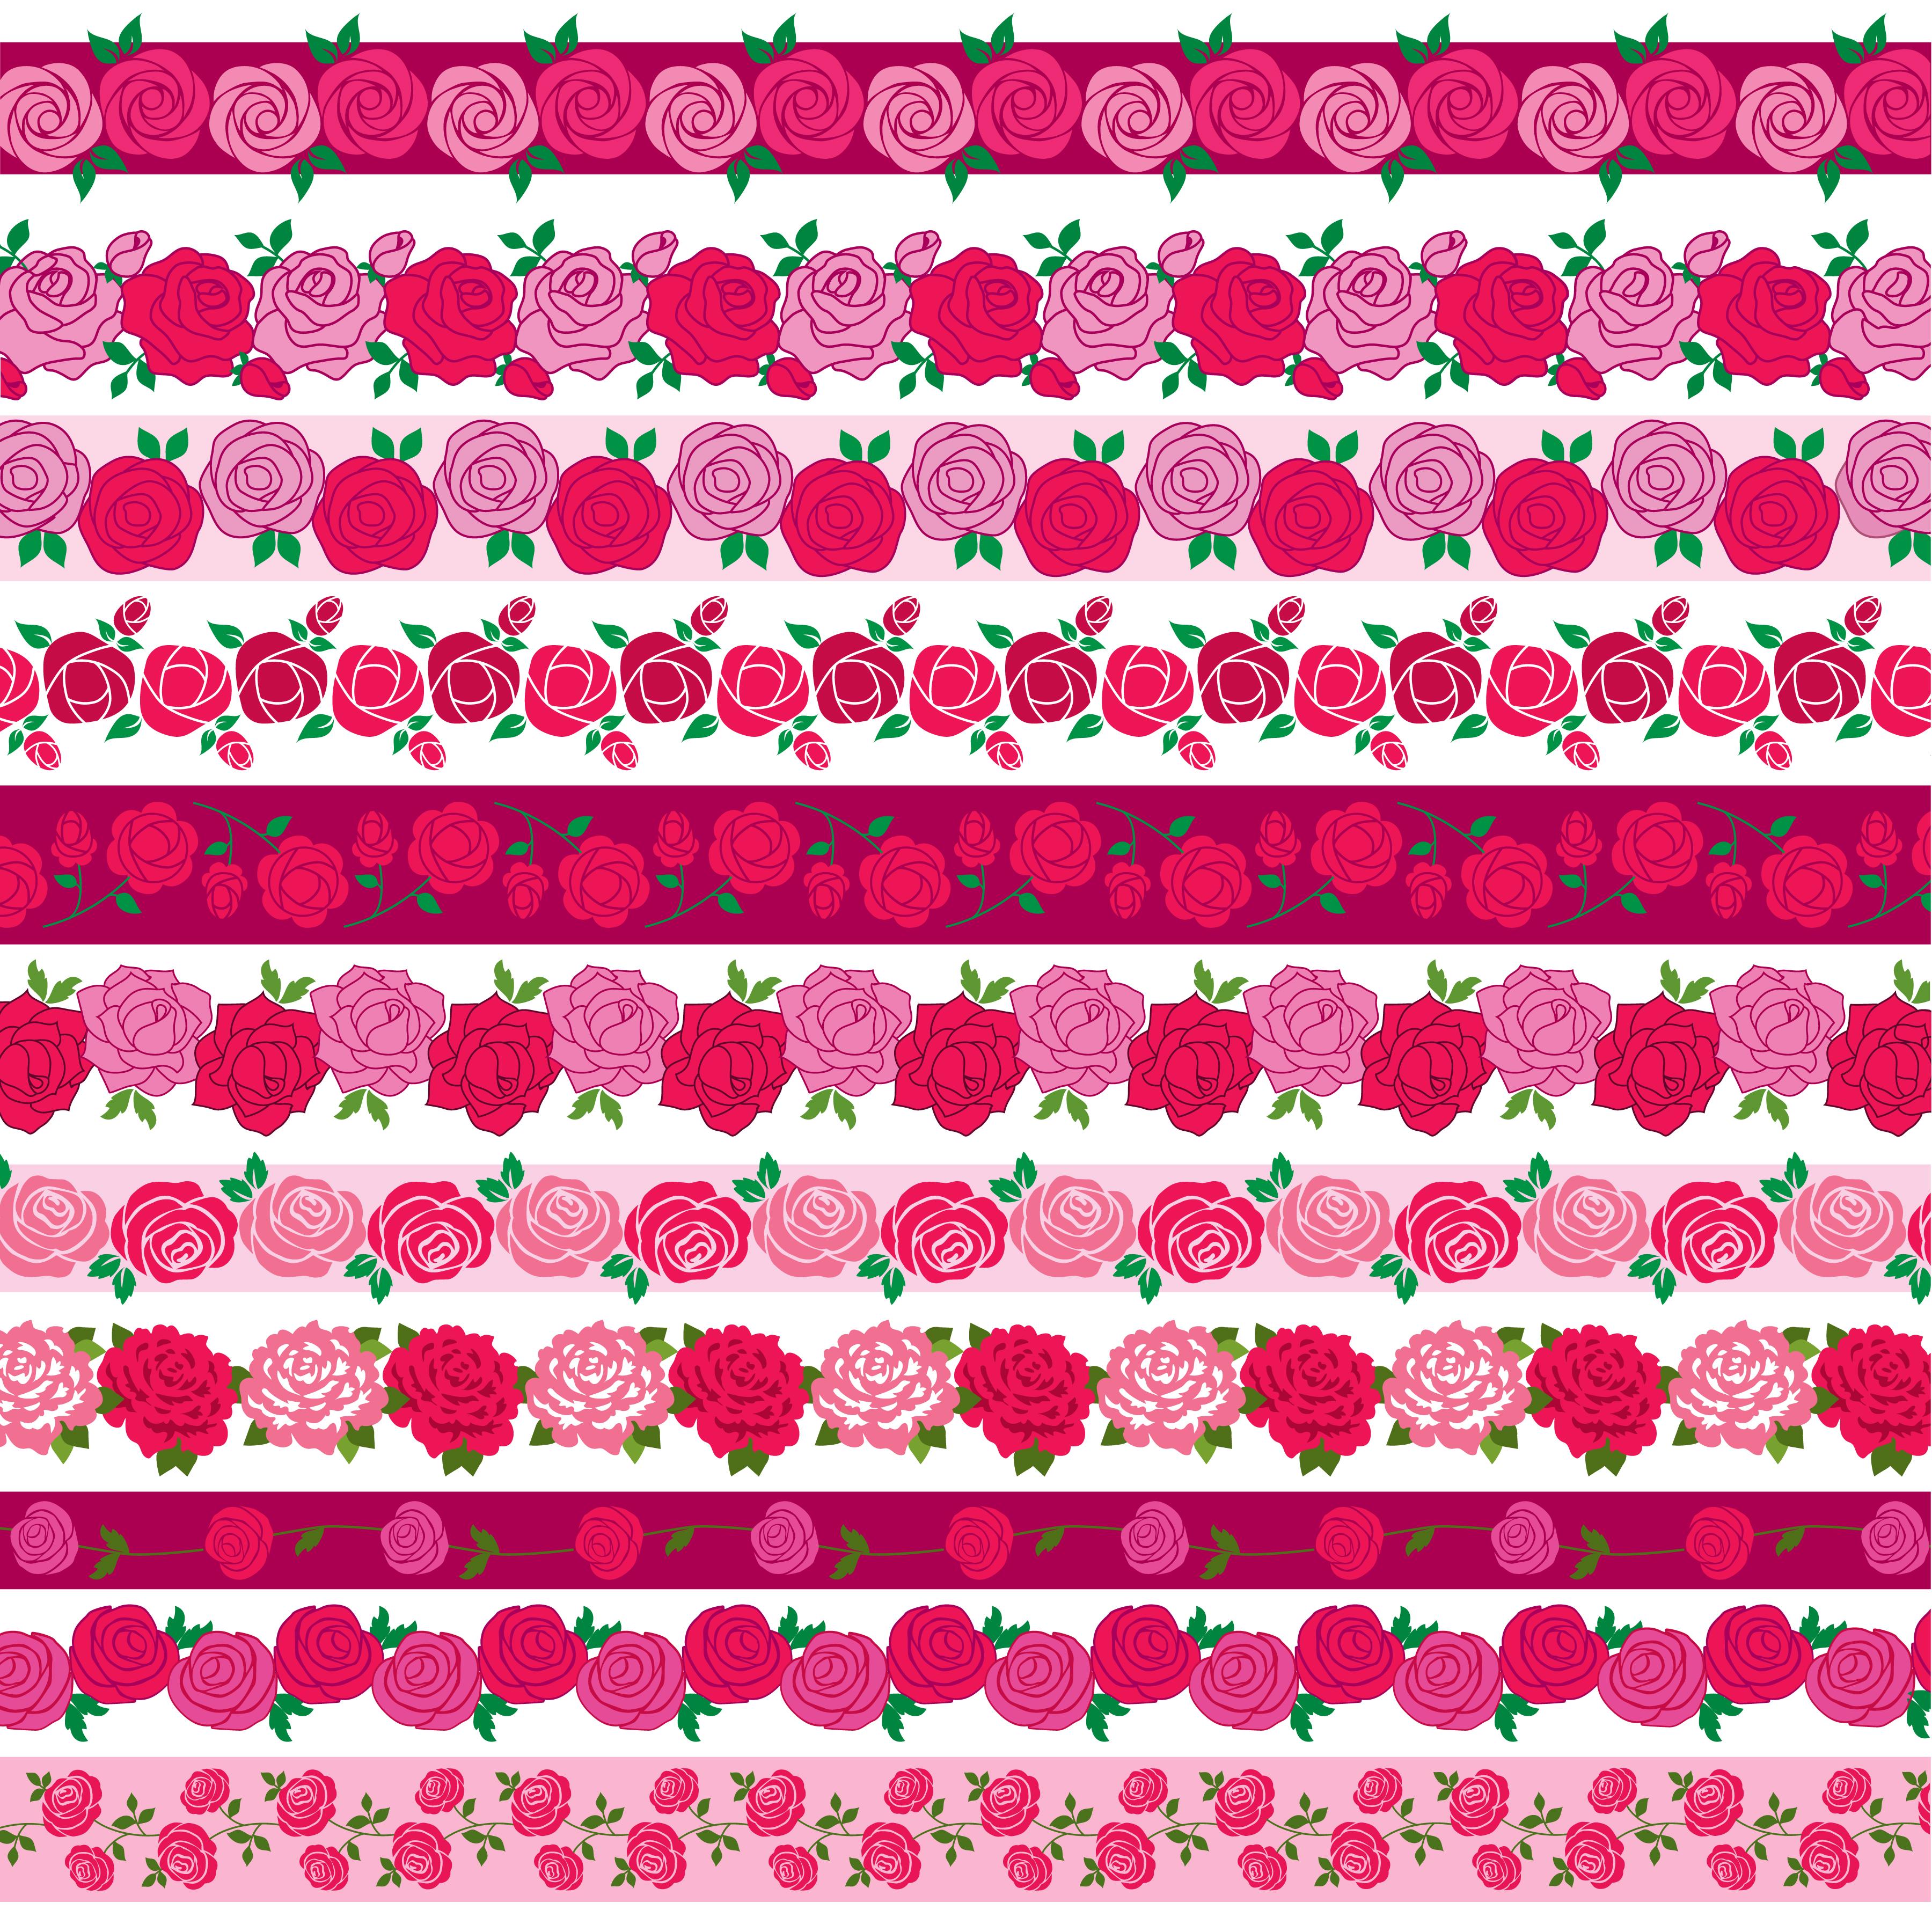 rose border patterns - Download Free Vectors, Clipart Graphics & Vector Art